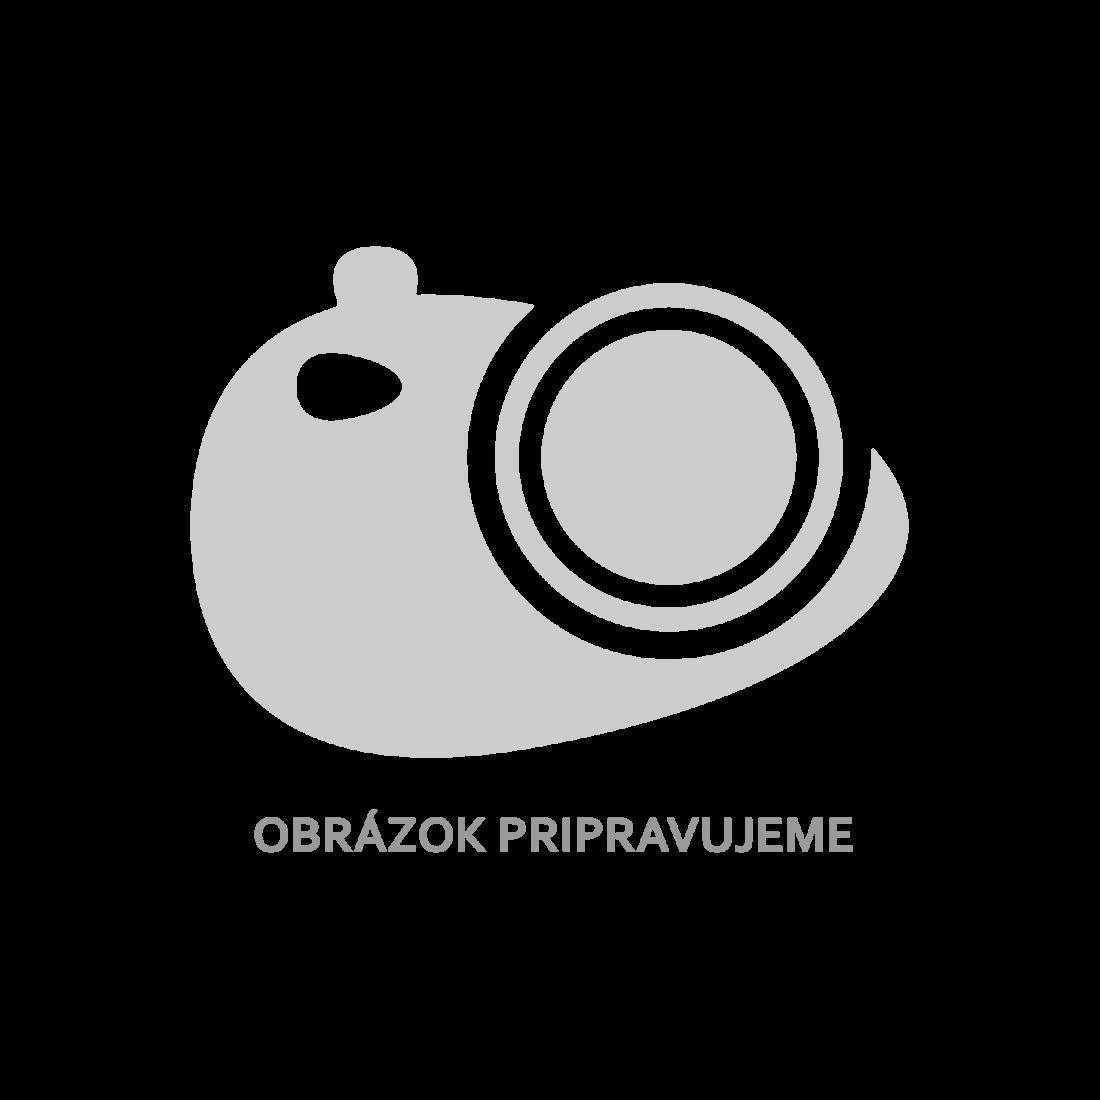 Hliníková klietka pre sliepky s výbehom a hniezdom na znášanie vajec